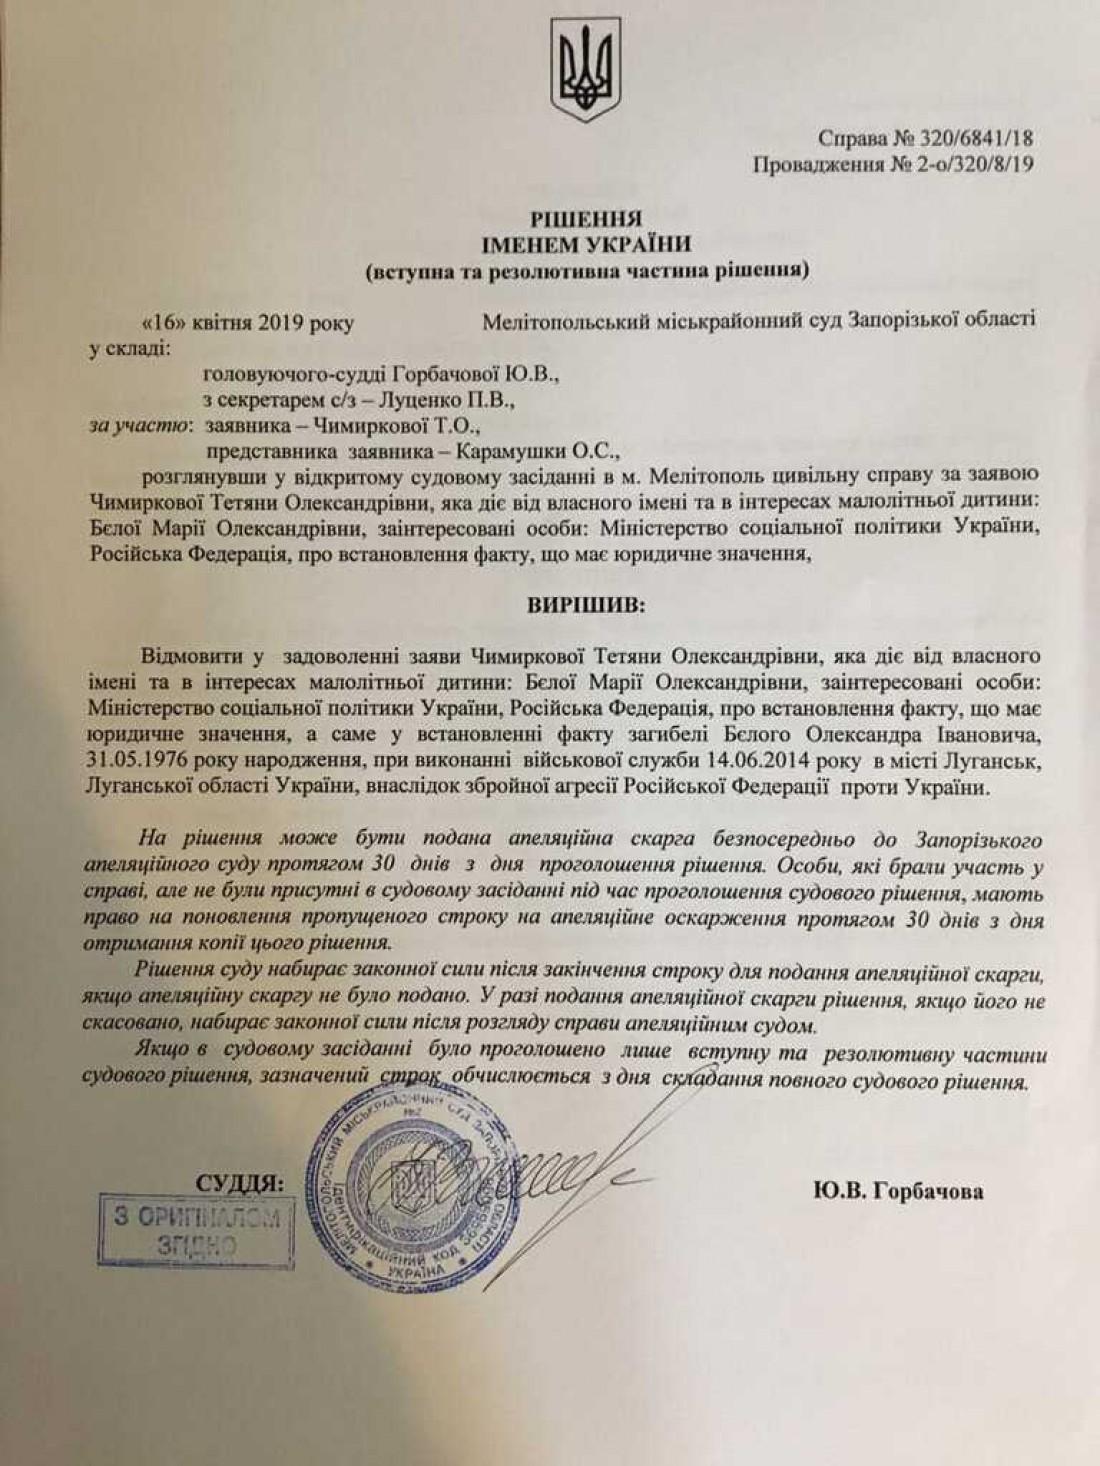 Вдова погибшего офицера Татьяна Чимиркова обнародовала решение суда